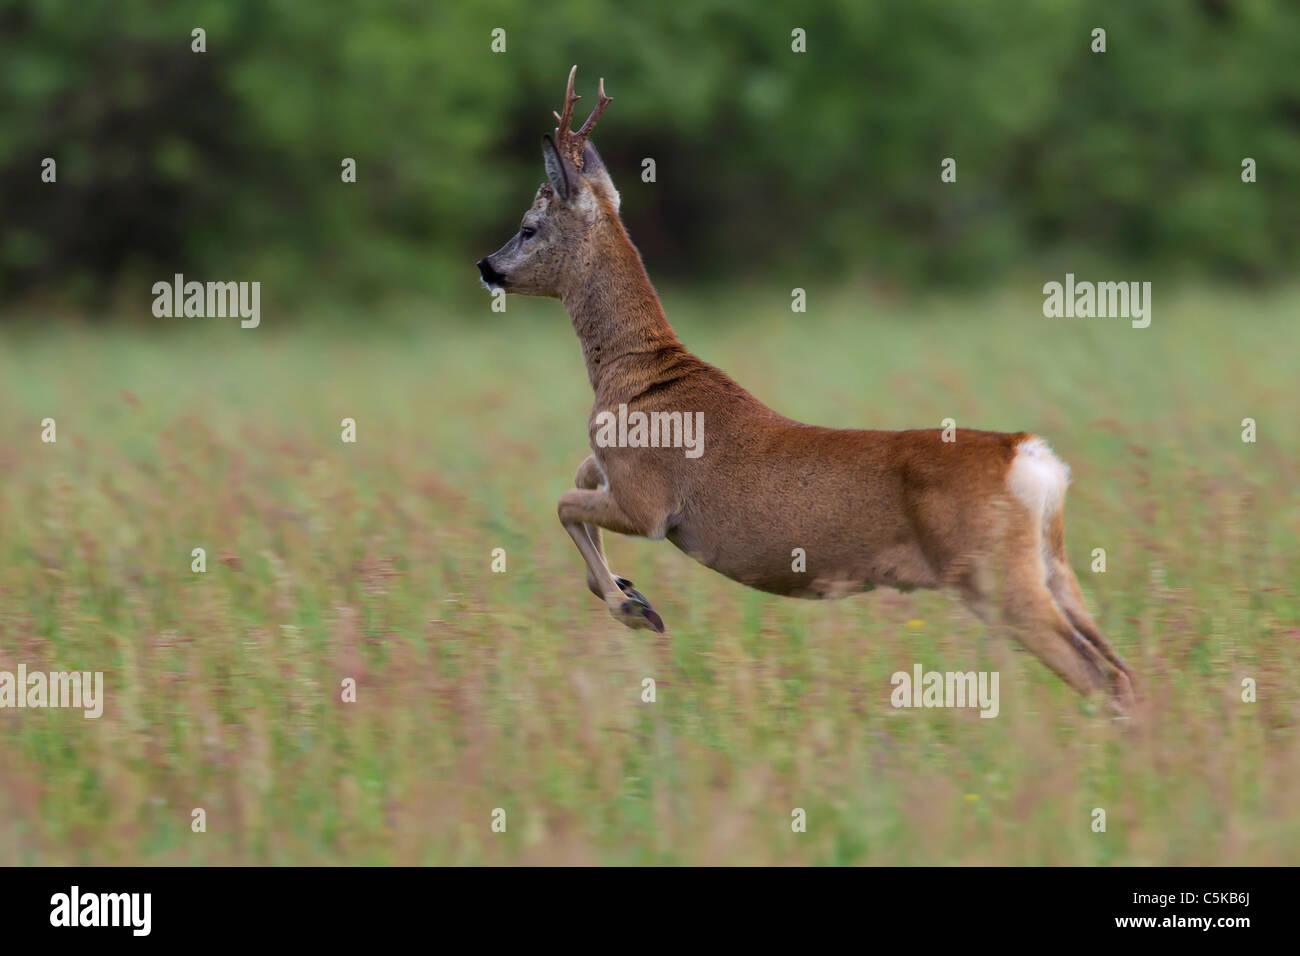 Roe deer (Capreolus capreolus) buck jumping in field, Germany - Stock Image